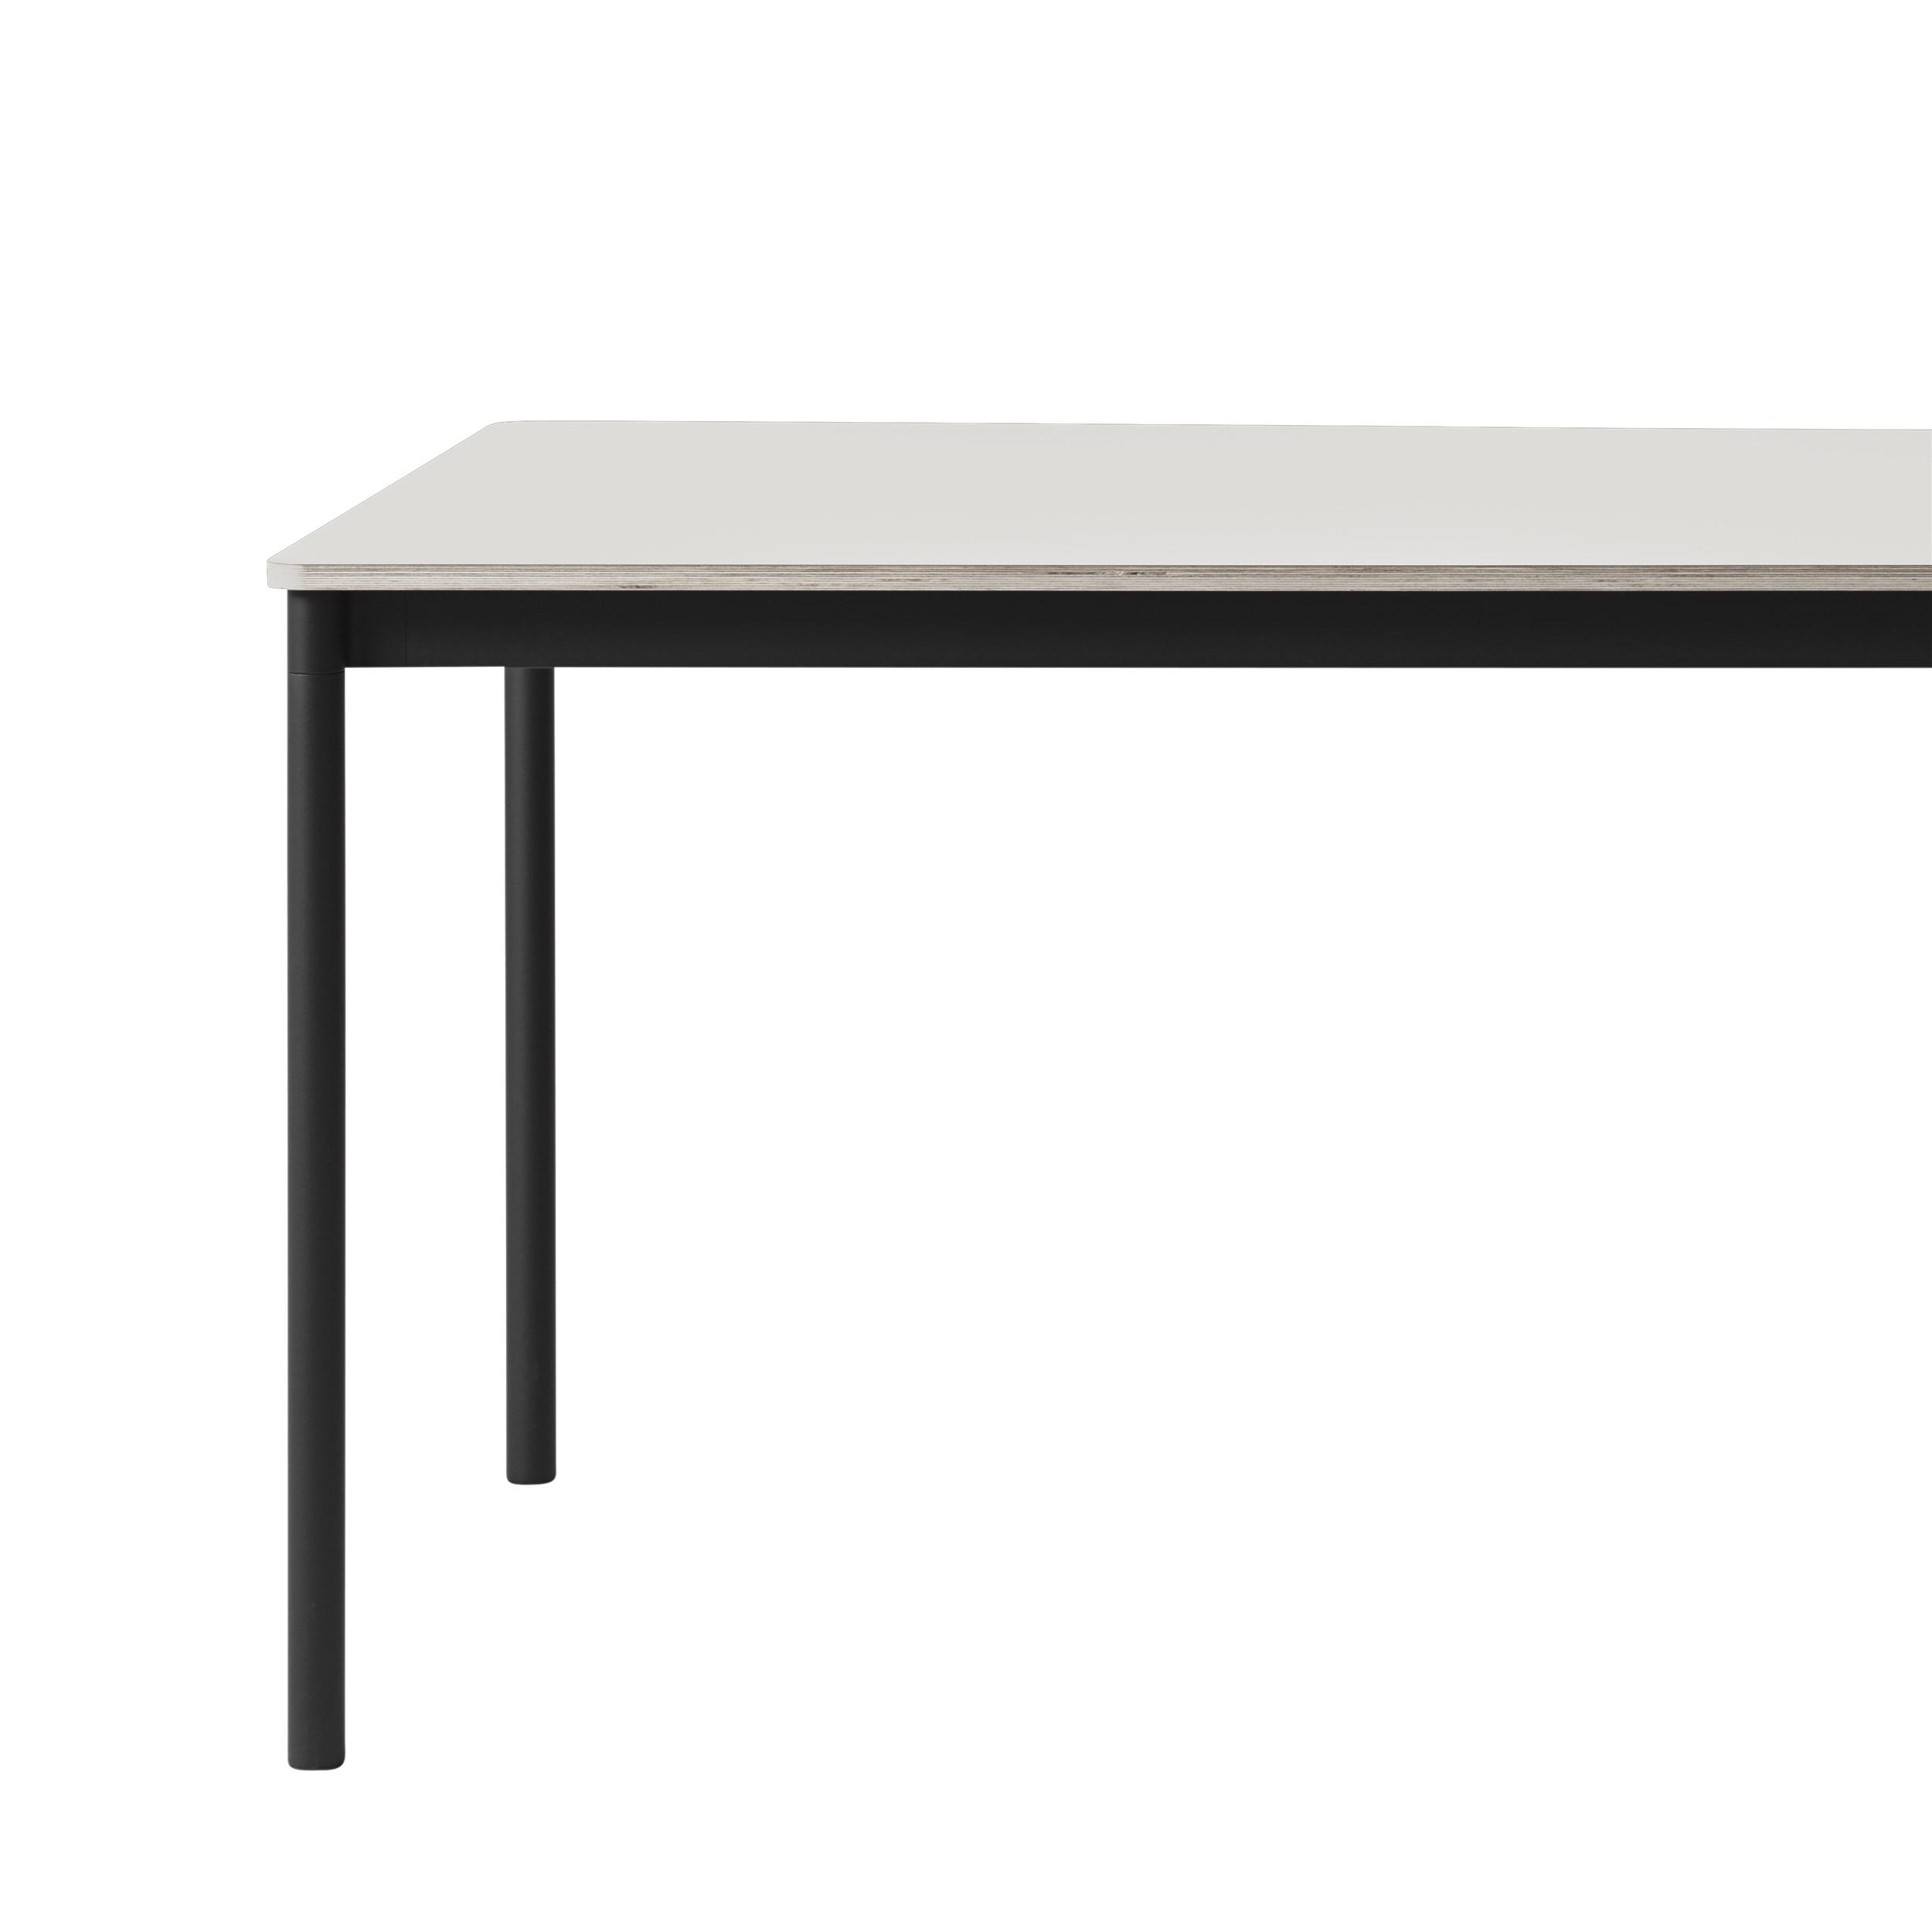 Muuto Base tafel 250x90 White Laminate/ABS/Black